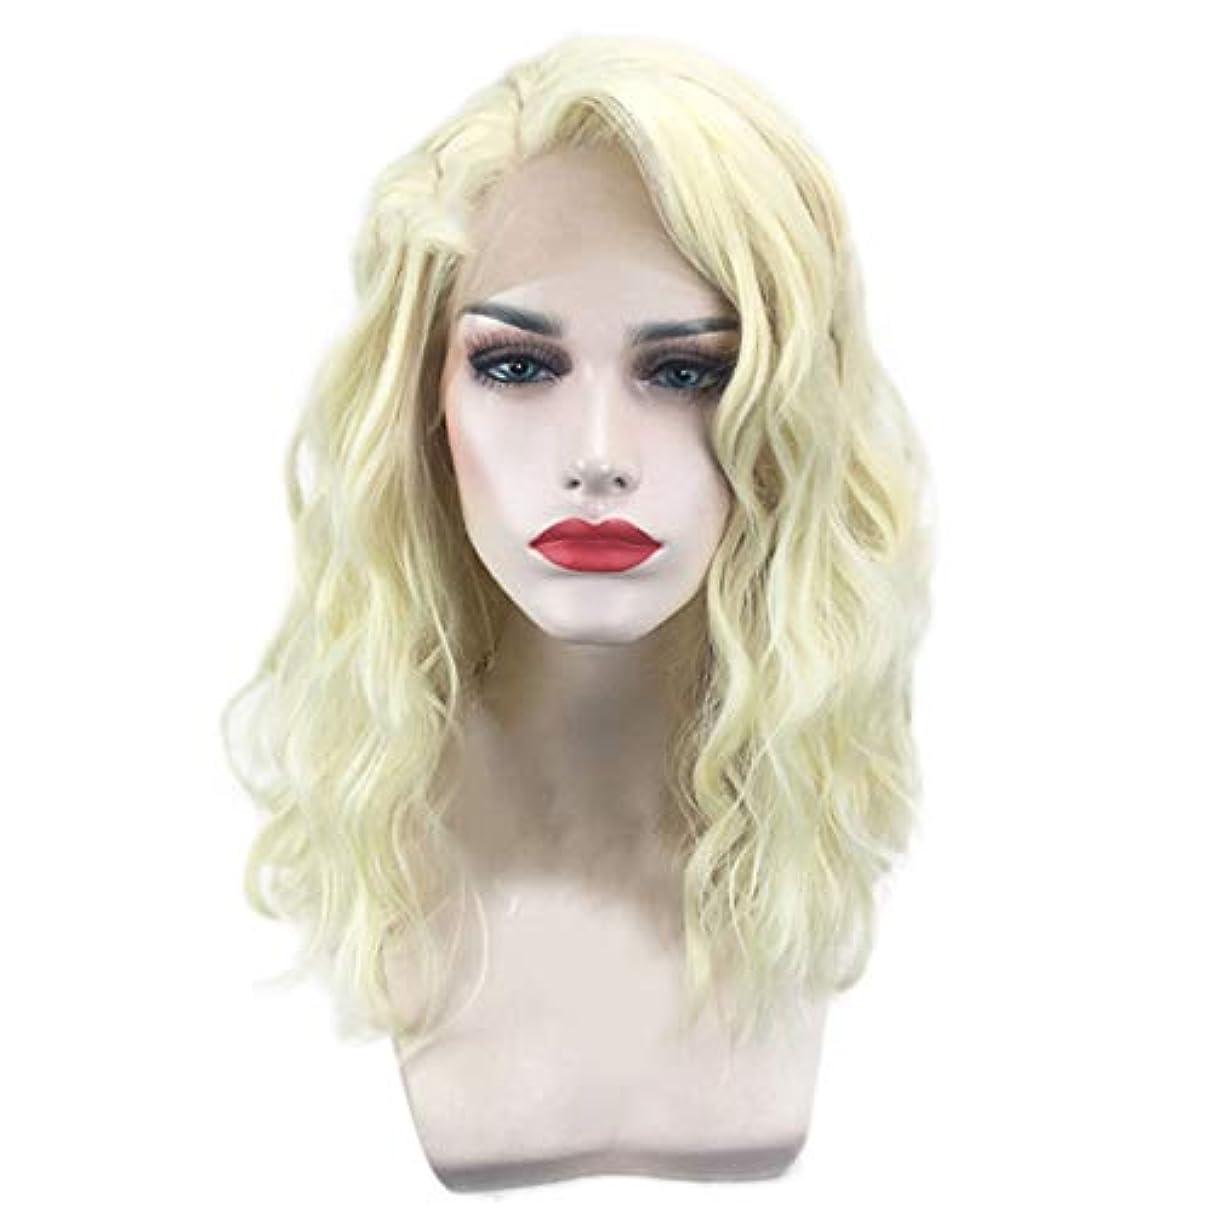 プレート削減接尾辞女性のための短い巻き毛のかつらゴールドウェーブヘアかつら自然に見える耐熱合成ファッションかつらコスプレ気質